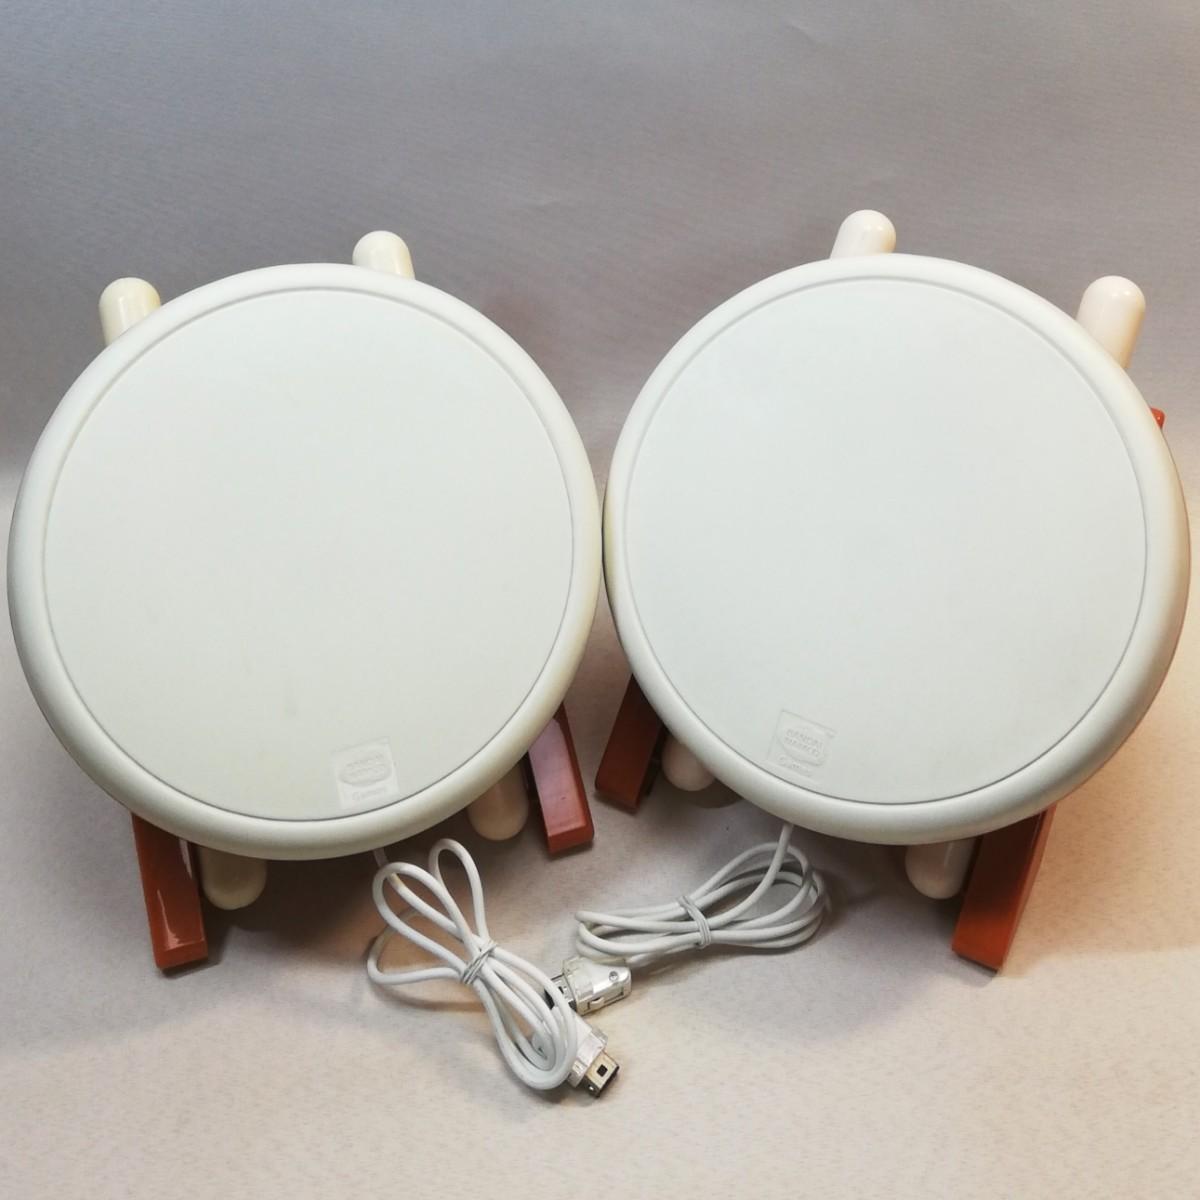 太鼓の達人 タタコン wii wii U  2台セット